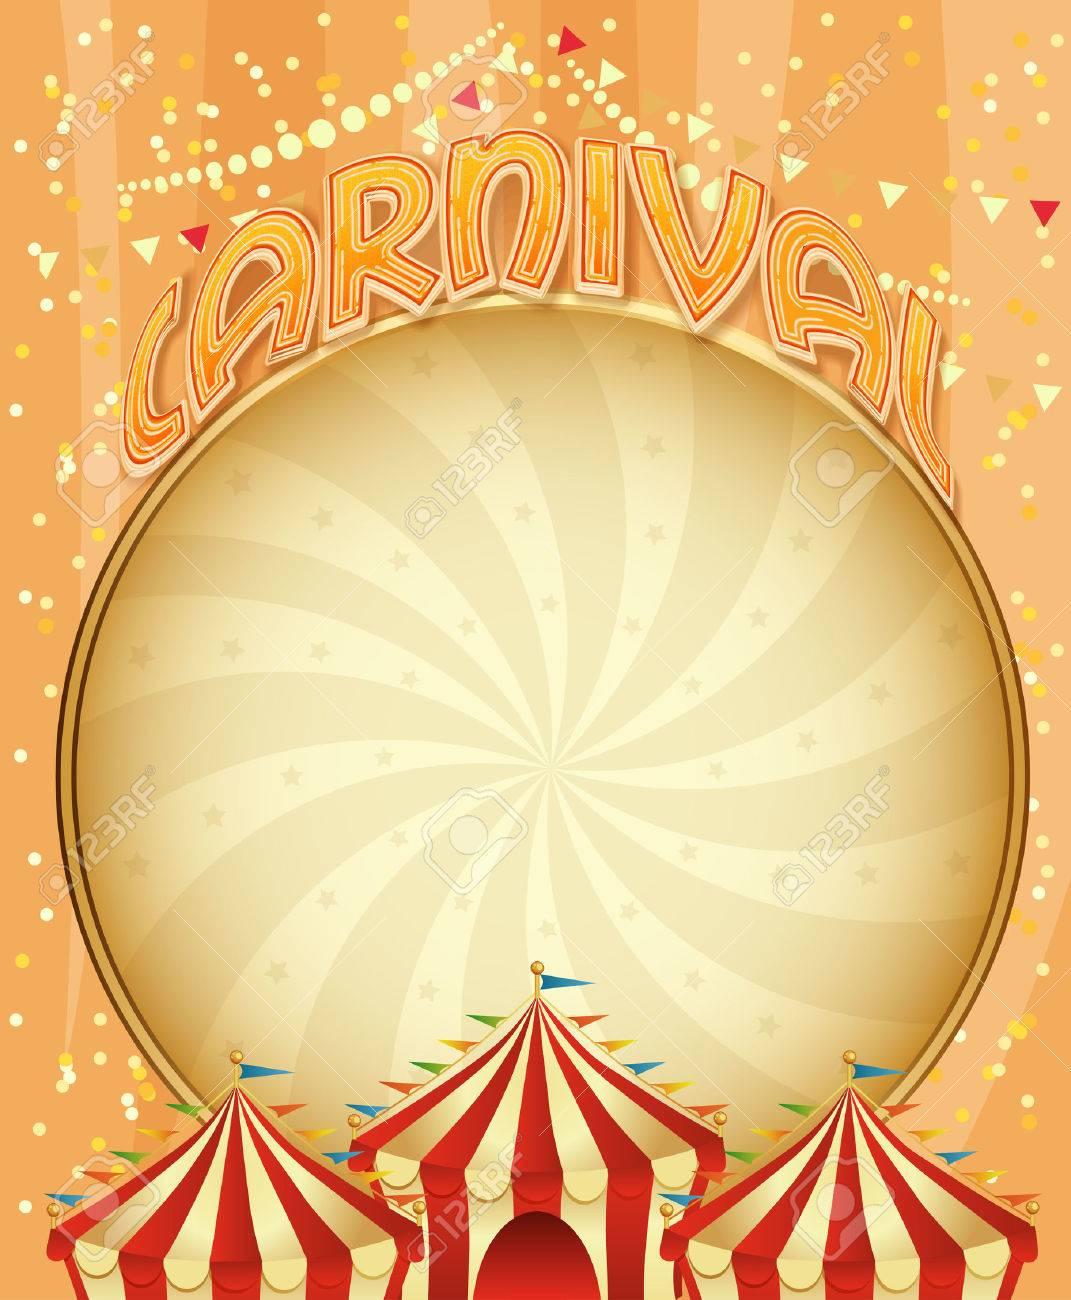 carnival poster mardi gras venice carnival banner holiday carnival poster mardi gras venice carnival banner holiday template stock vector 34994753